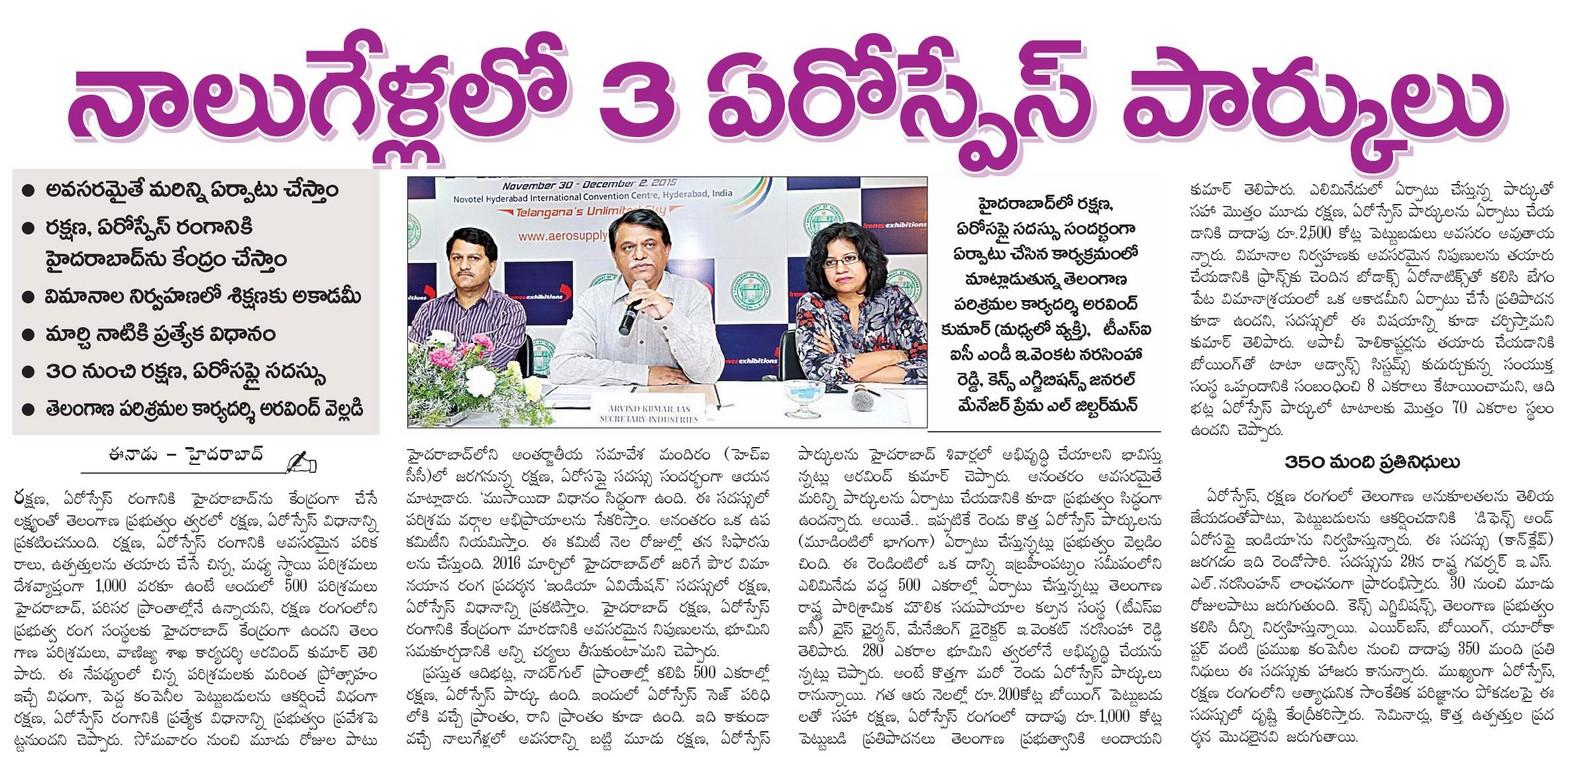 HMDA Approved Plots Hyderabad: Pharma City Plots